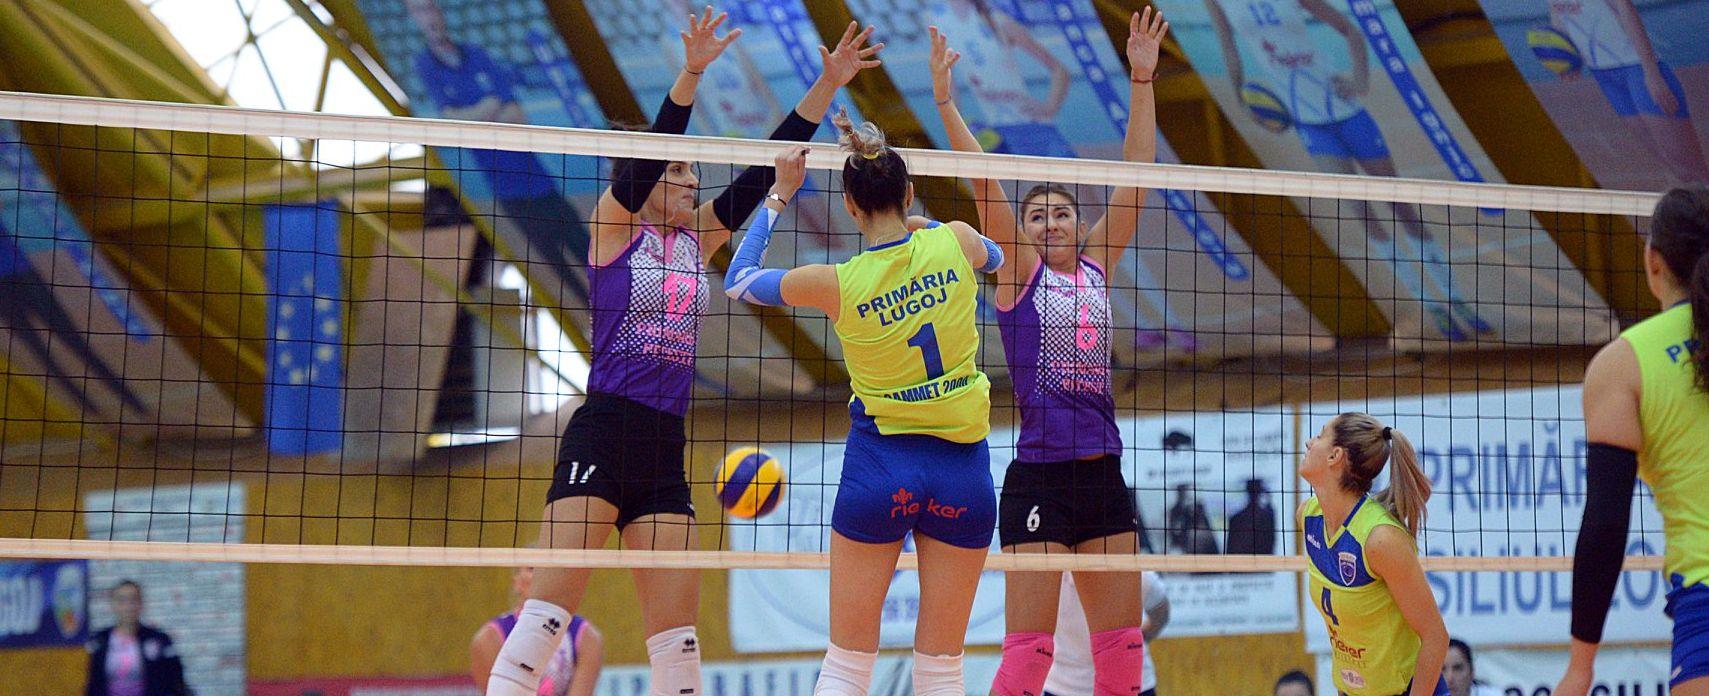 CSM Lugoj – FC Argeș 3-1, în prima etapă din divizia A1 la volei feminin